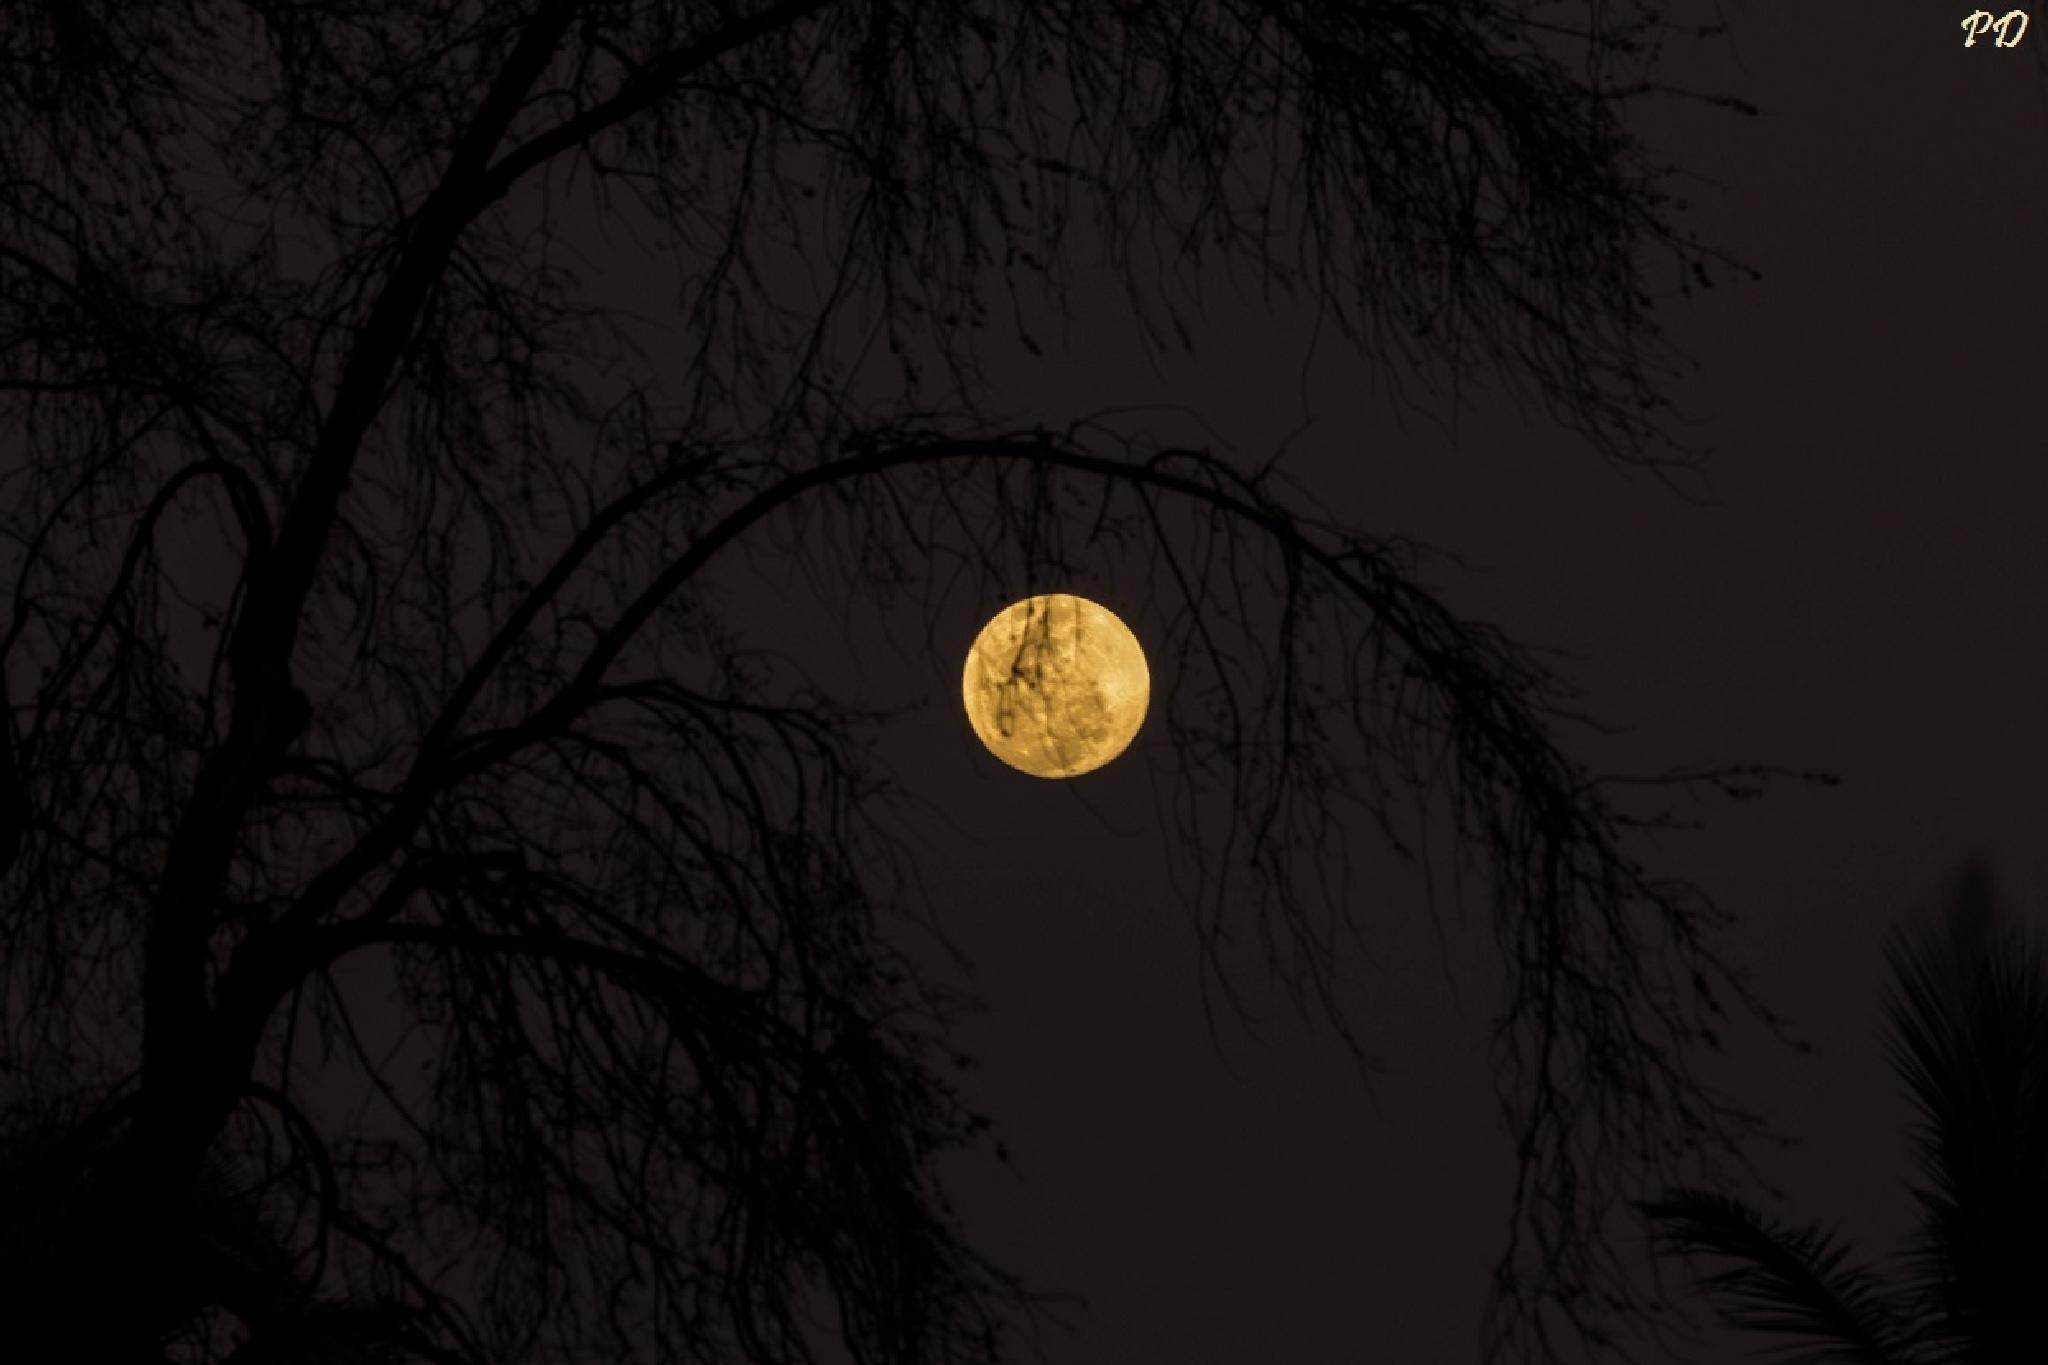 Eye of the sky by prajeshdutta